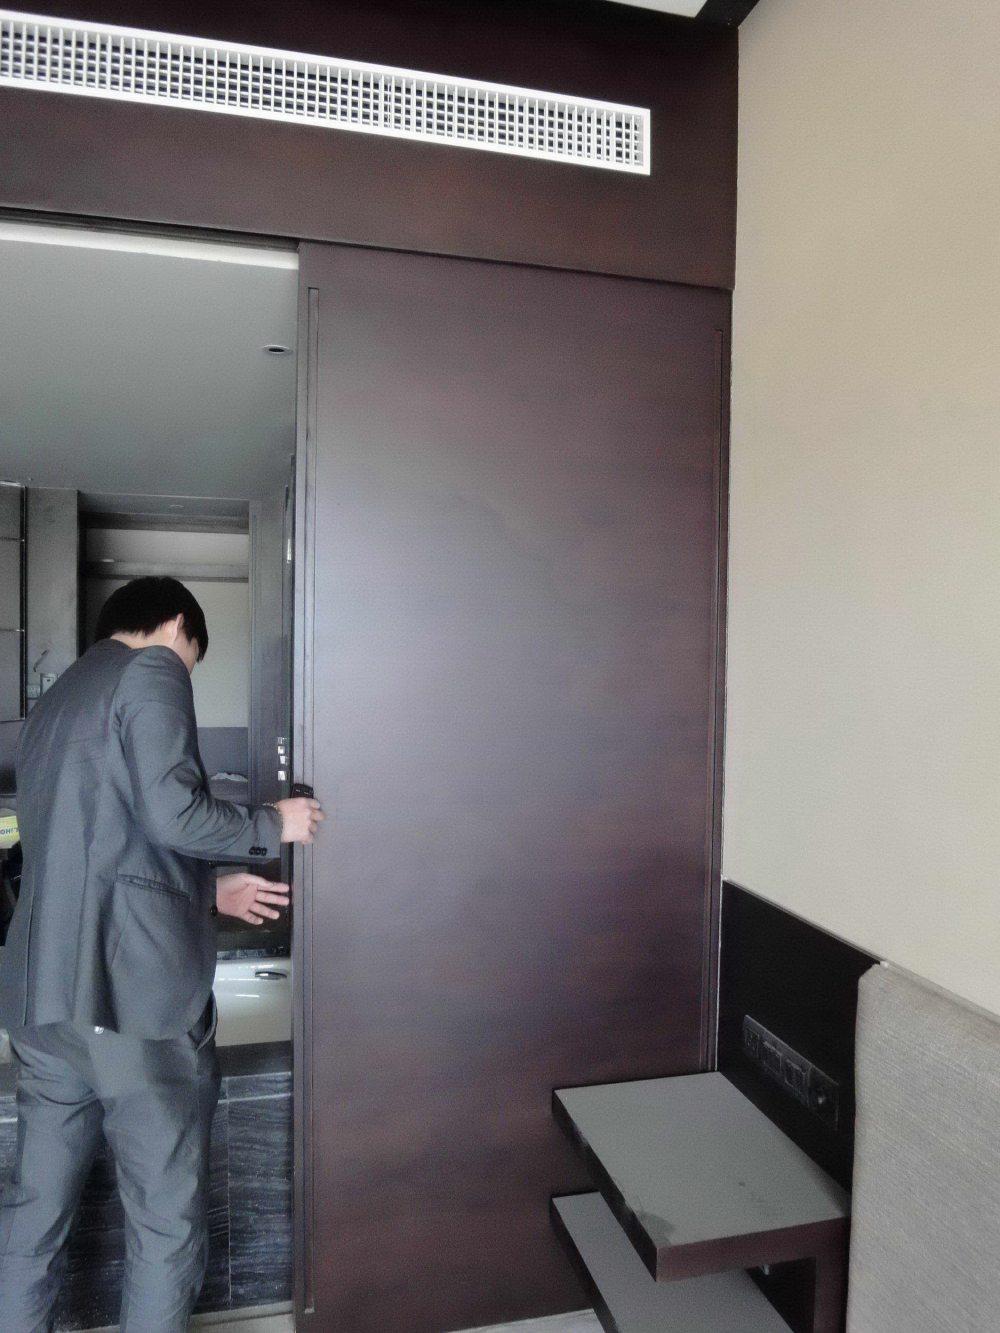 云南丽江铂尔曼渡假酒店(Lijiang Pullman Hotel)(CCD)(第8页更新)_DSC05211.jpg